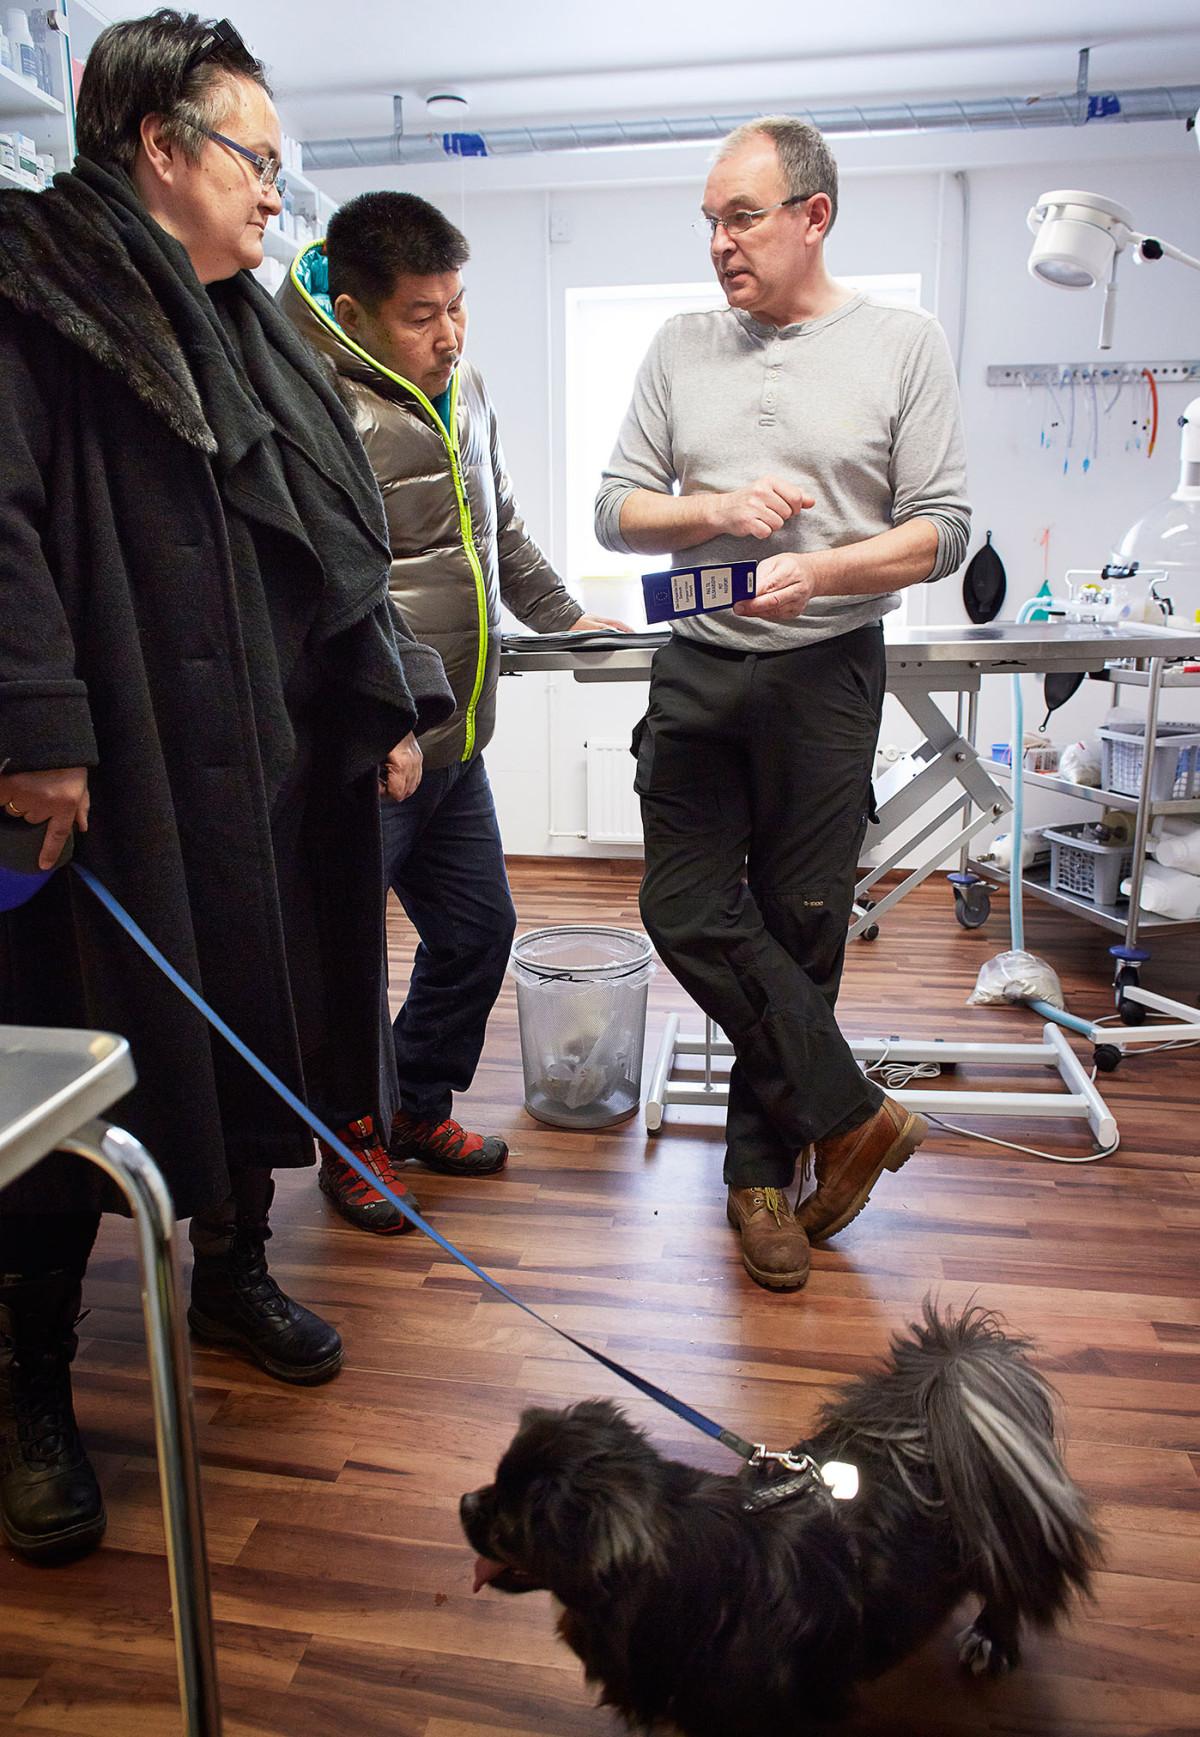 Dyrlæge Jens Eslau, fortæller Birthe og Knud Lynge om vaccinations bogen, mens Mio venter på at blive undersøgt